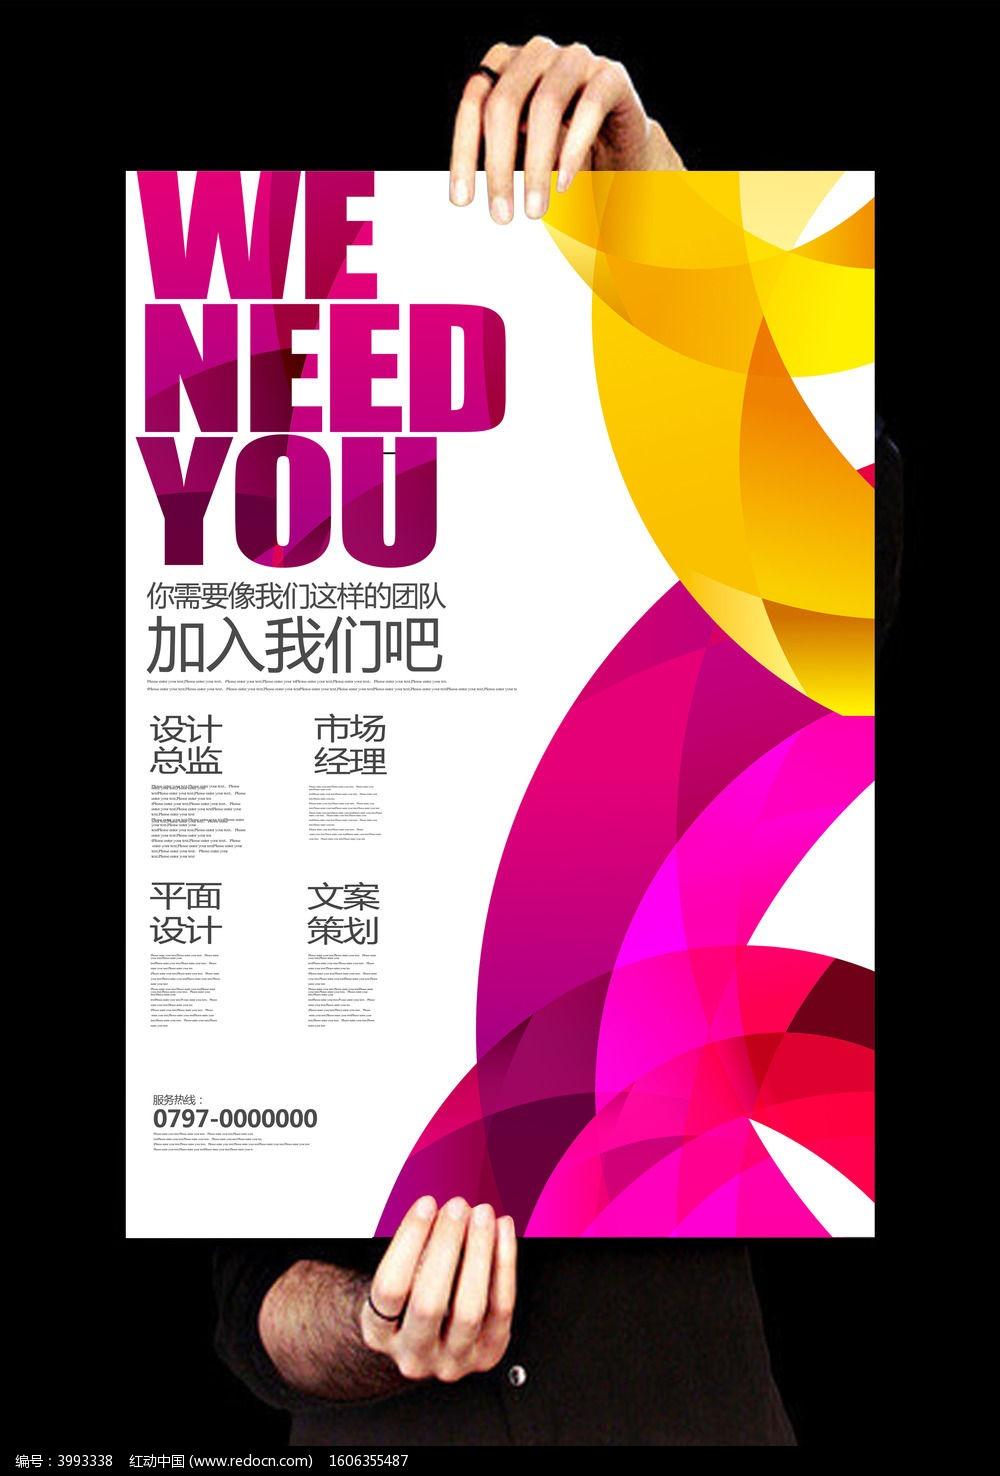 炫彩创意设计公司招聘海报设计